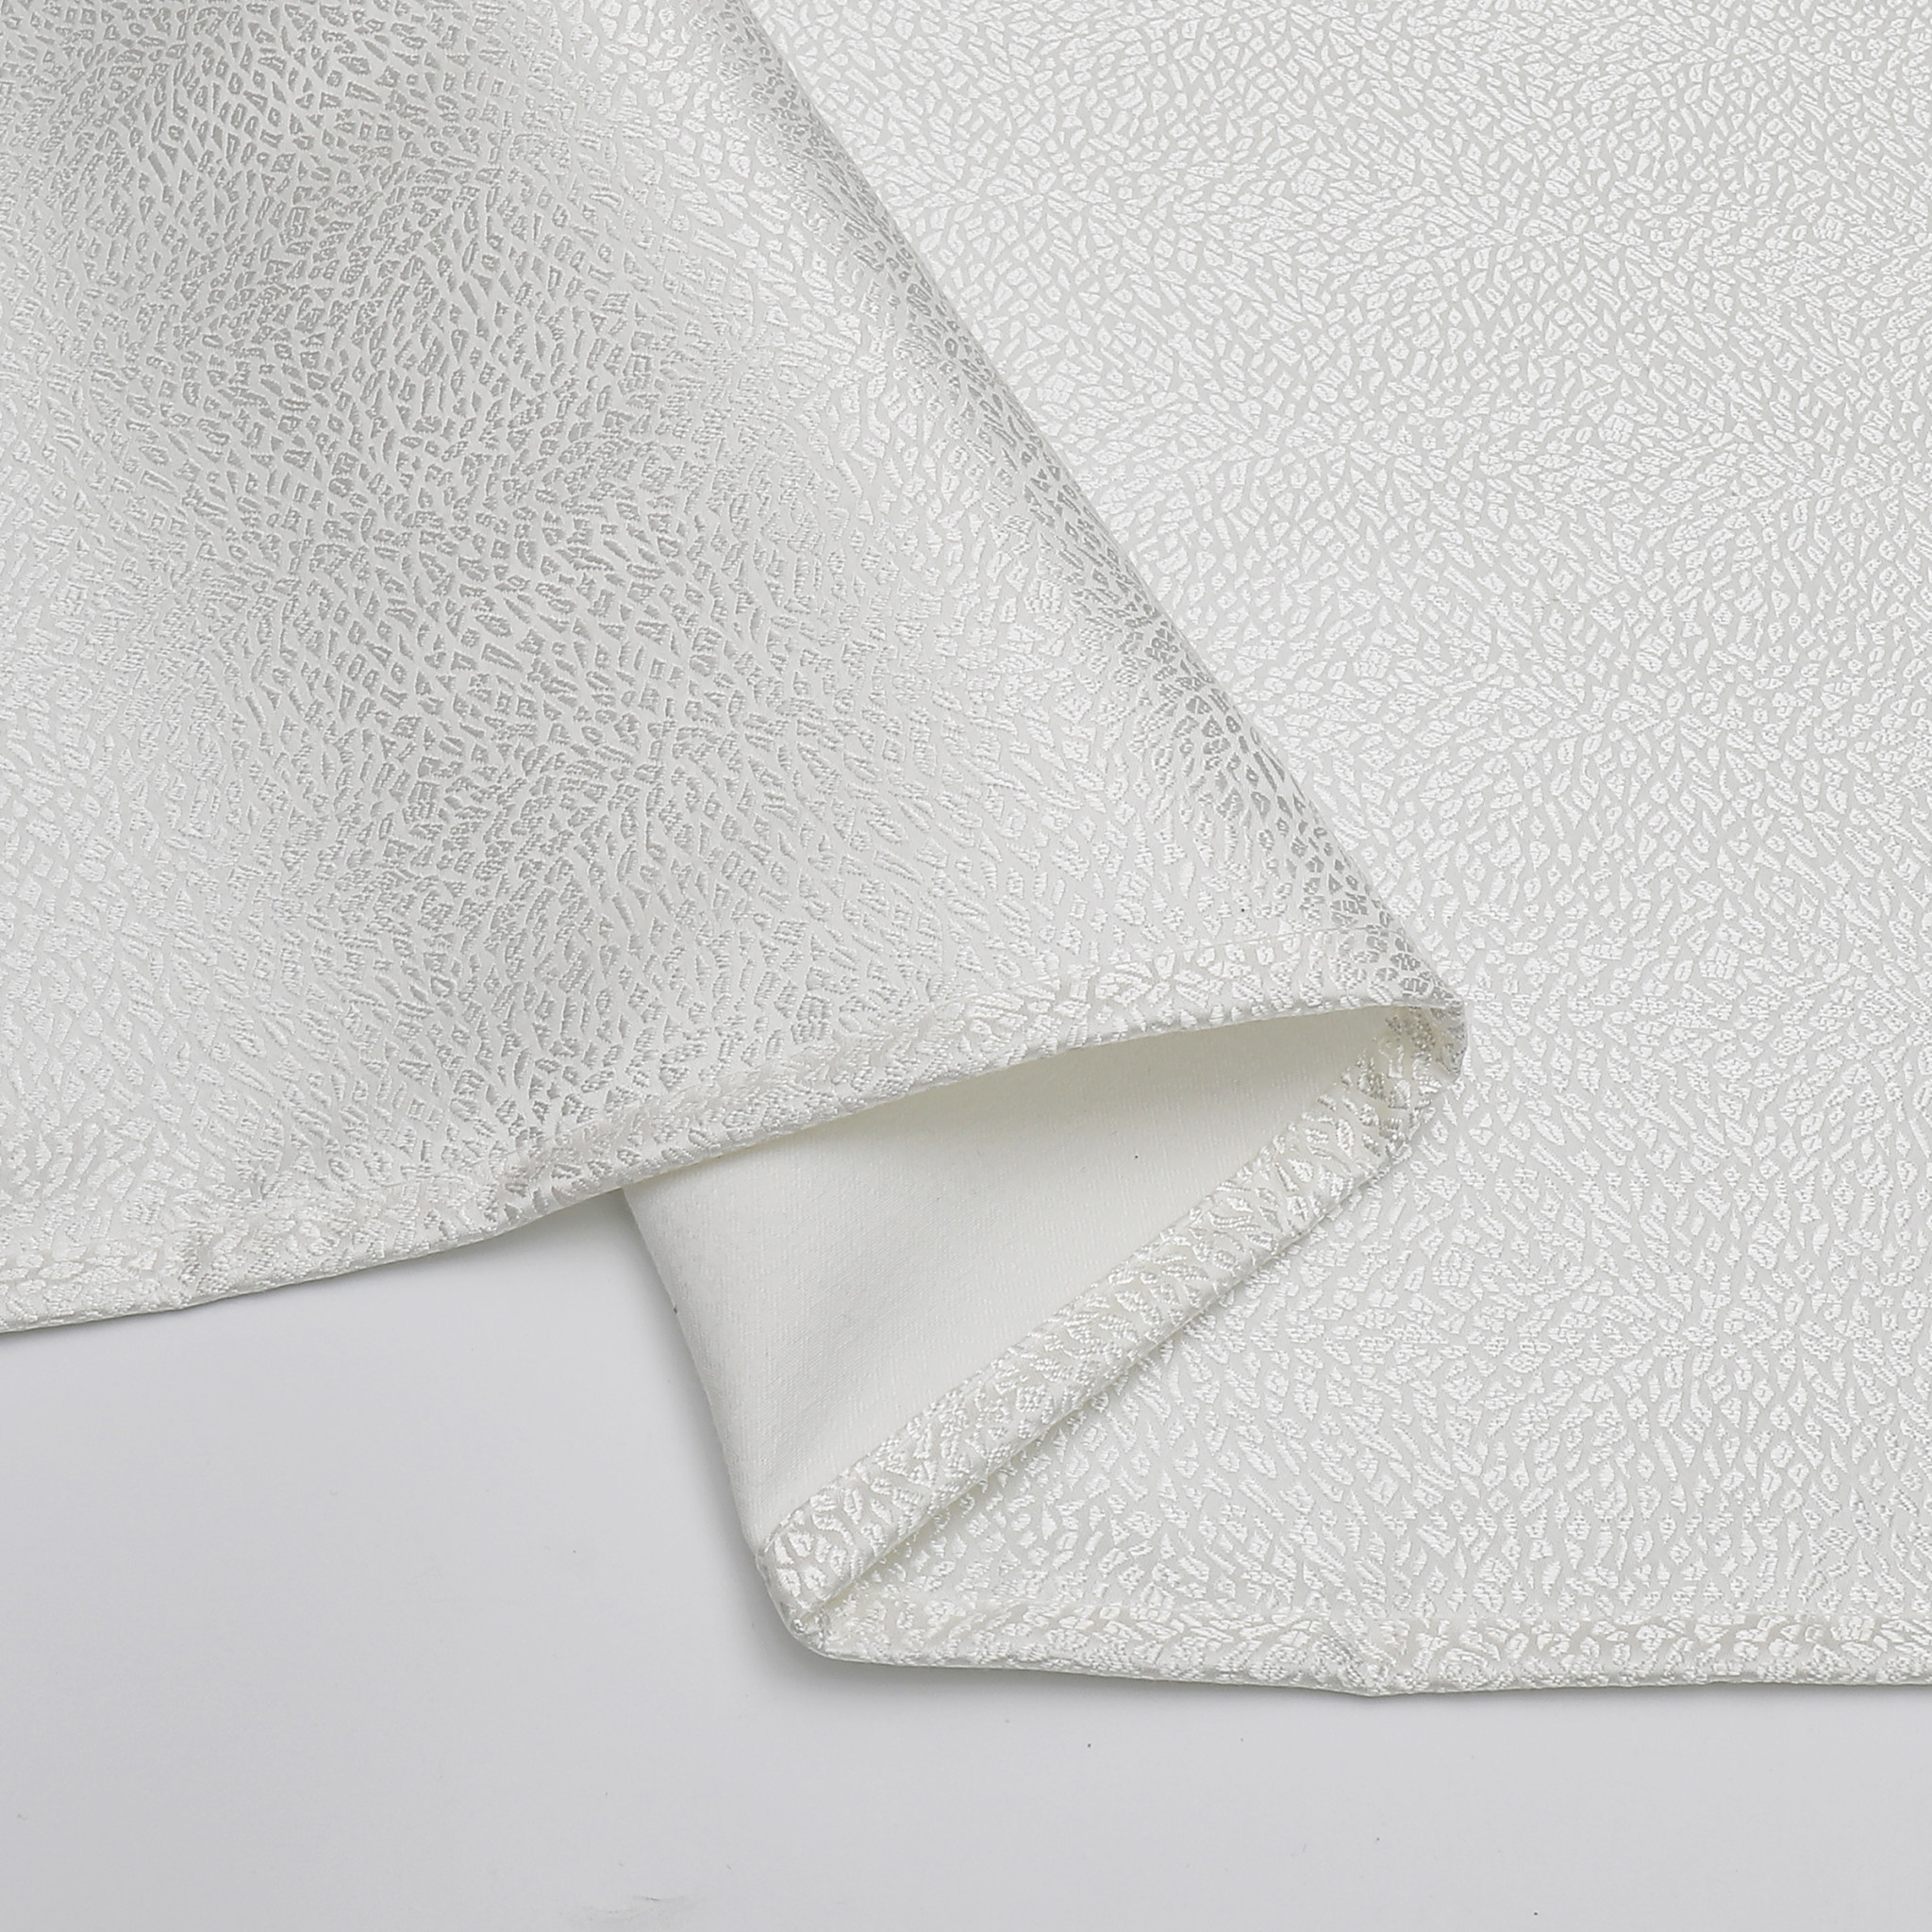 TC1345- 70 x 144 Jacquard White Slate Tablecloth